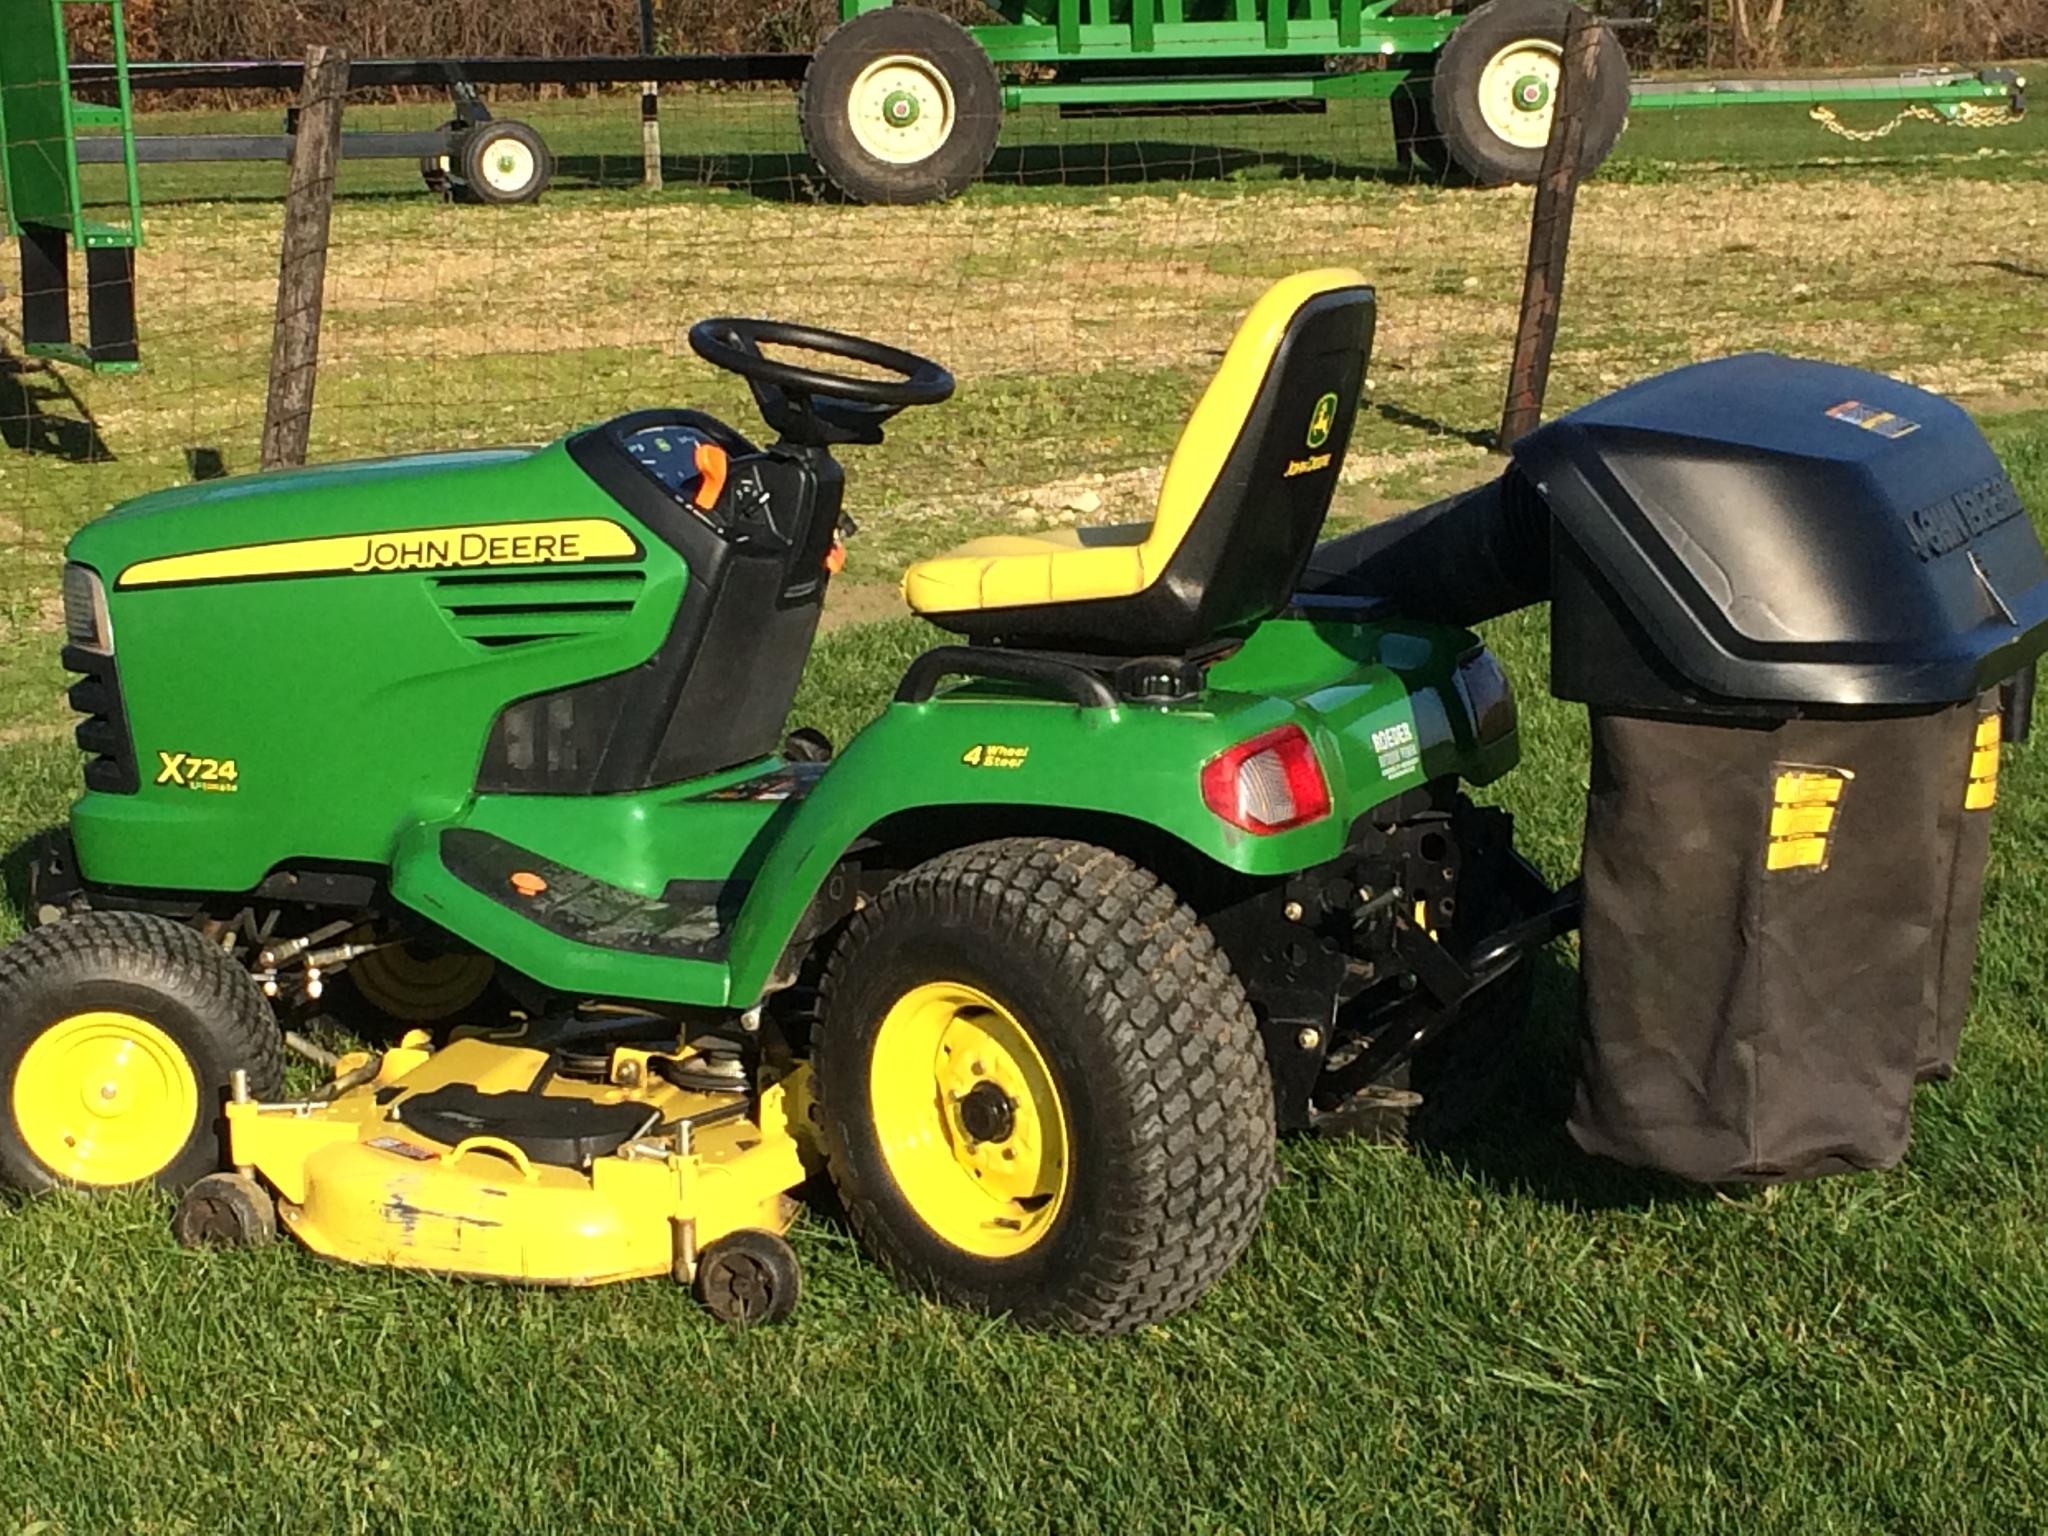 John Deere X724 Lawn Garden Tractors For Sale 65788